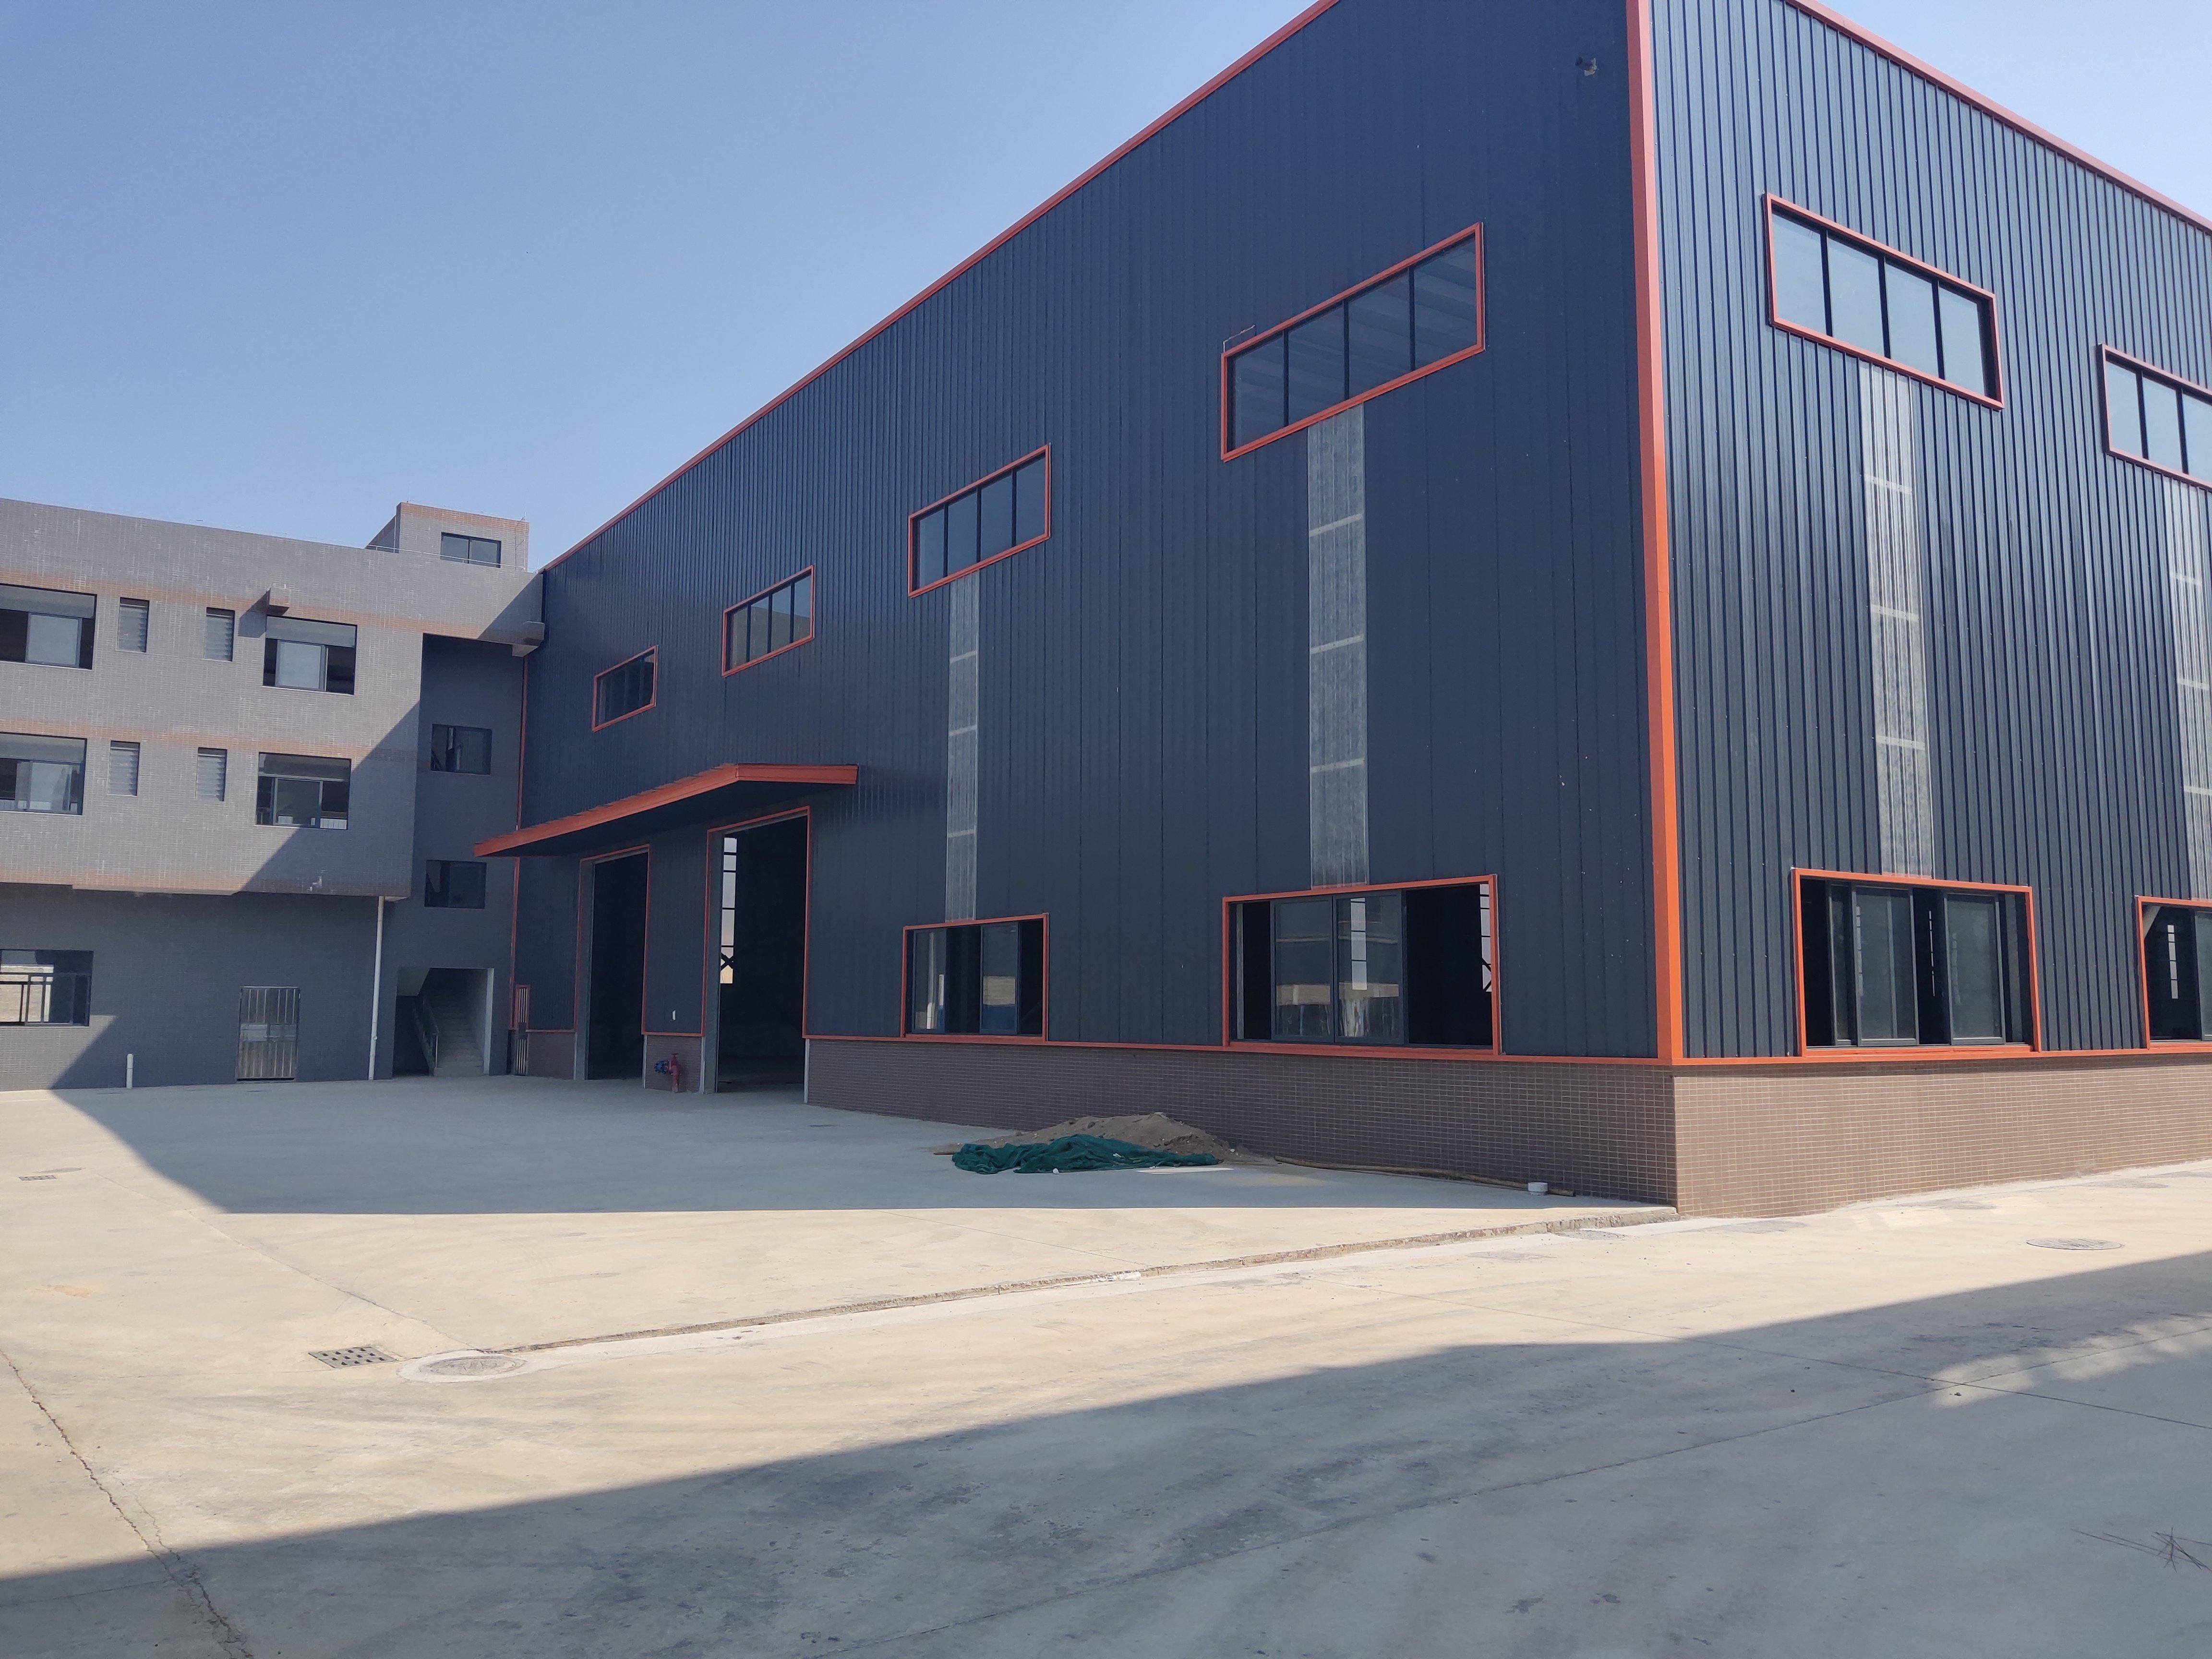 三水区乐平镇工业区独院钢结构滴水高10米单一层厂房仓库出租